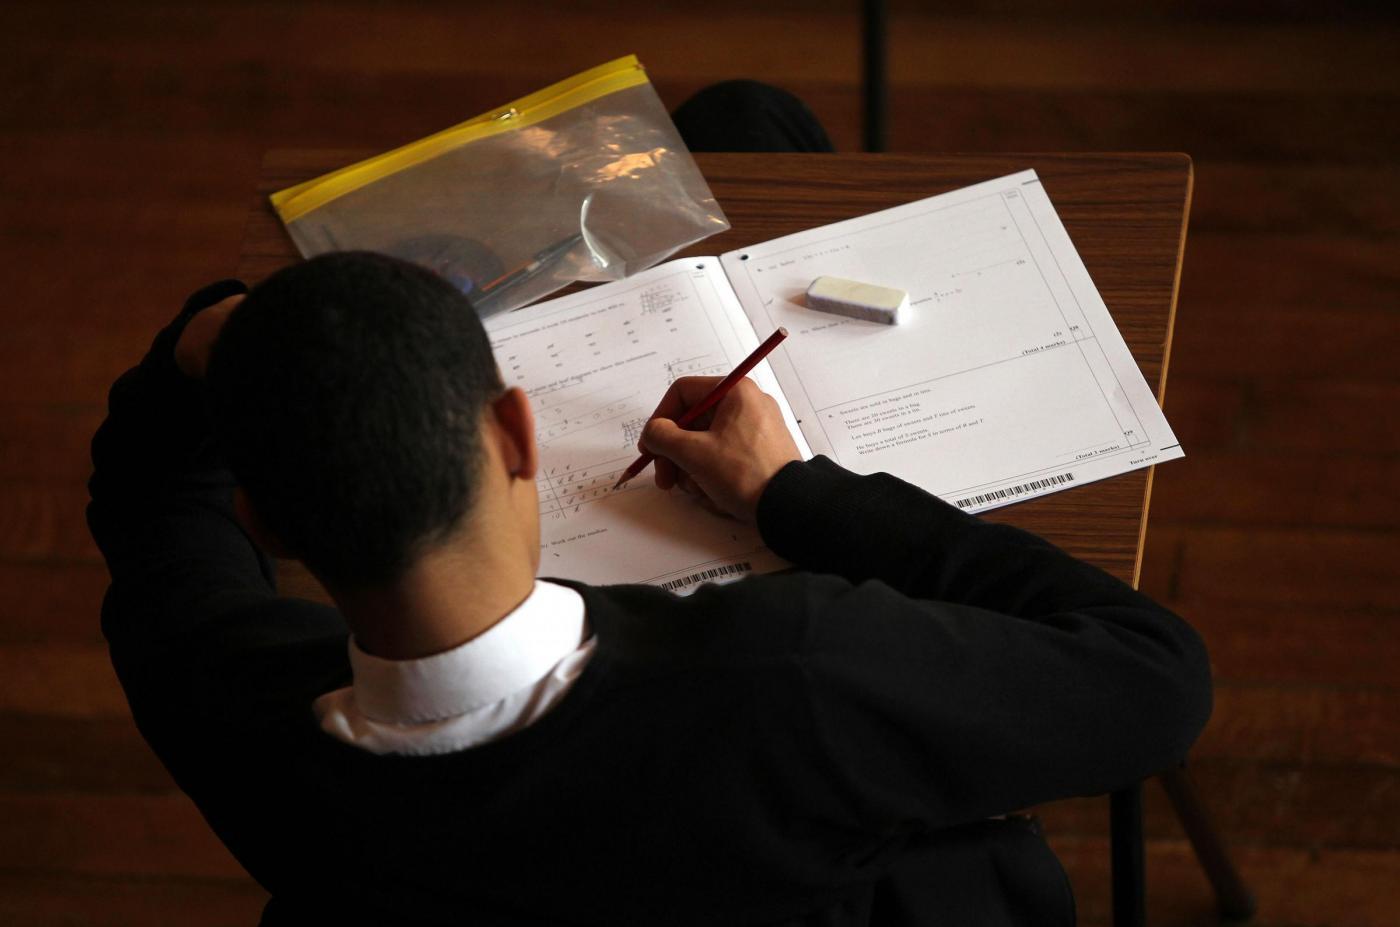 Disturbi dell'apprendimento: c'è una proposta di legge per gli alunni che soffrono di dislessia, discalculia, disortografia e disgrafia